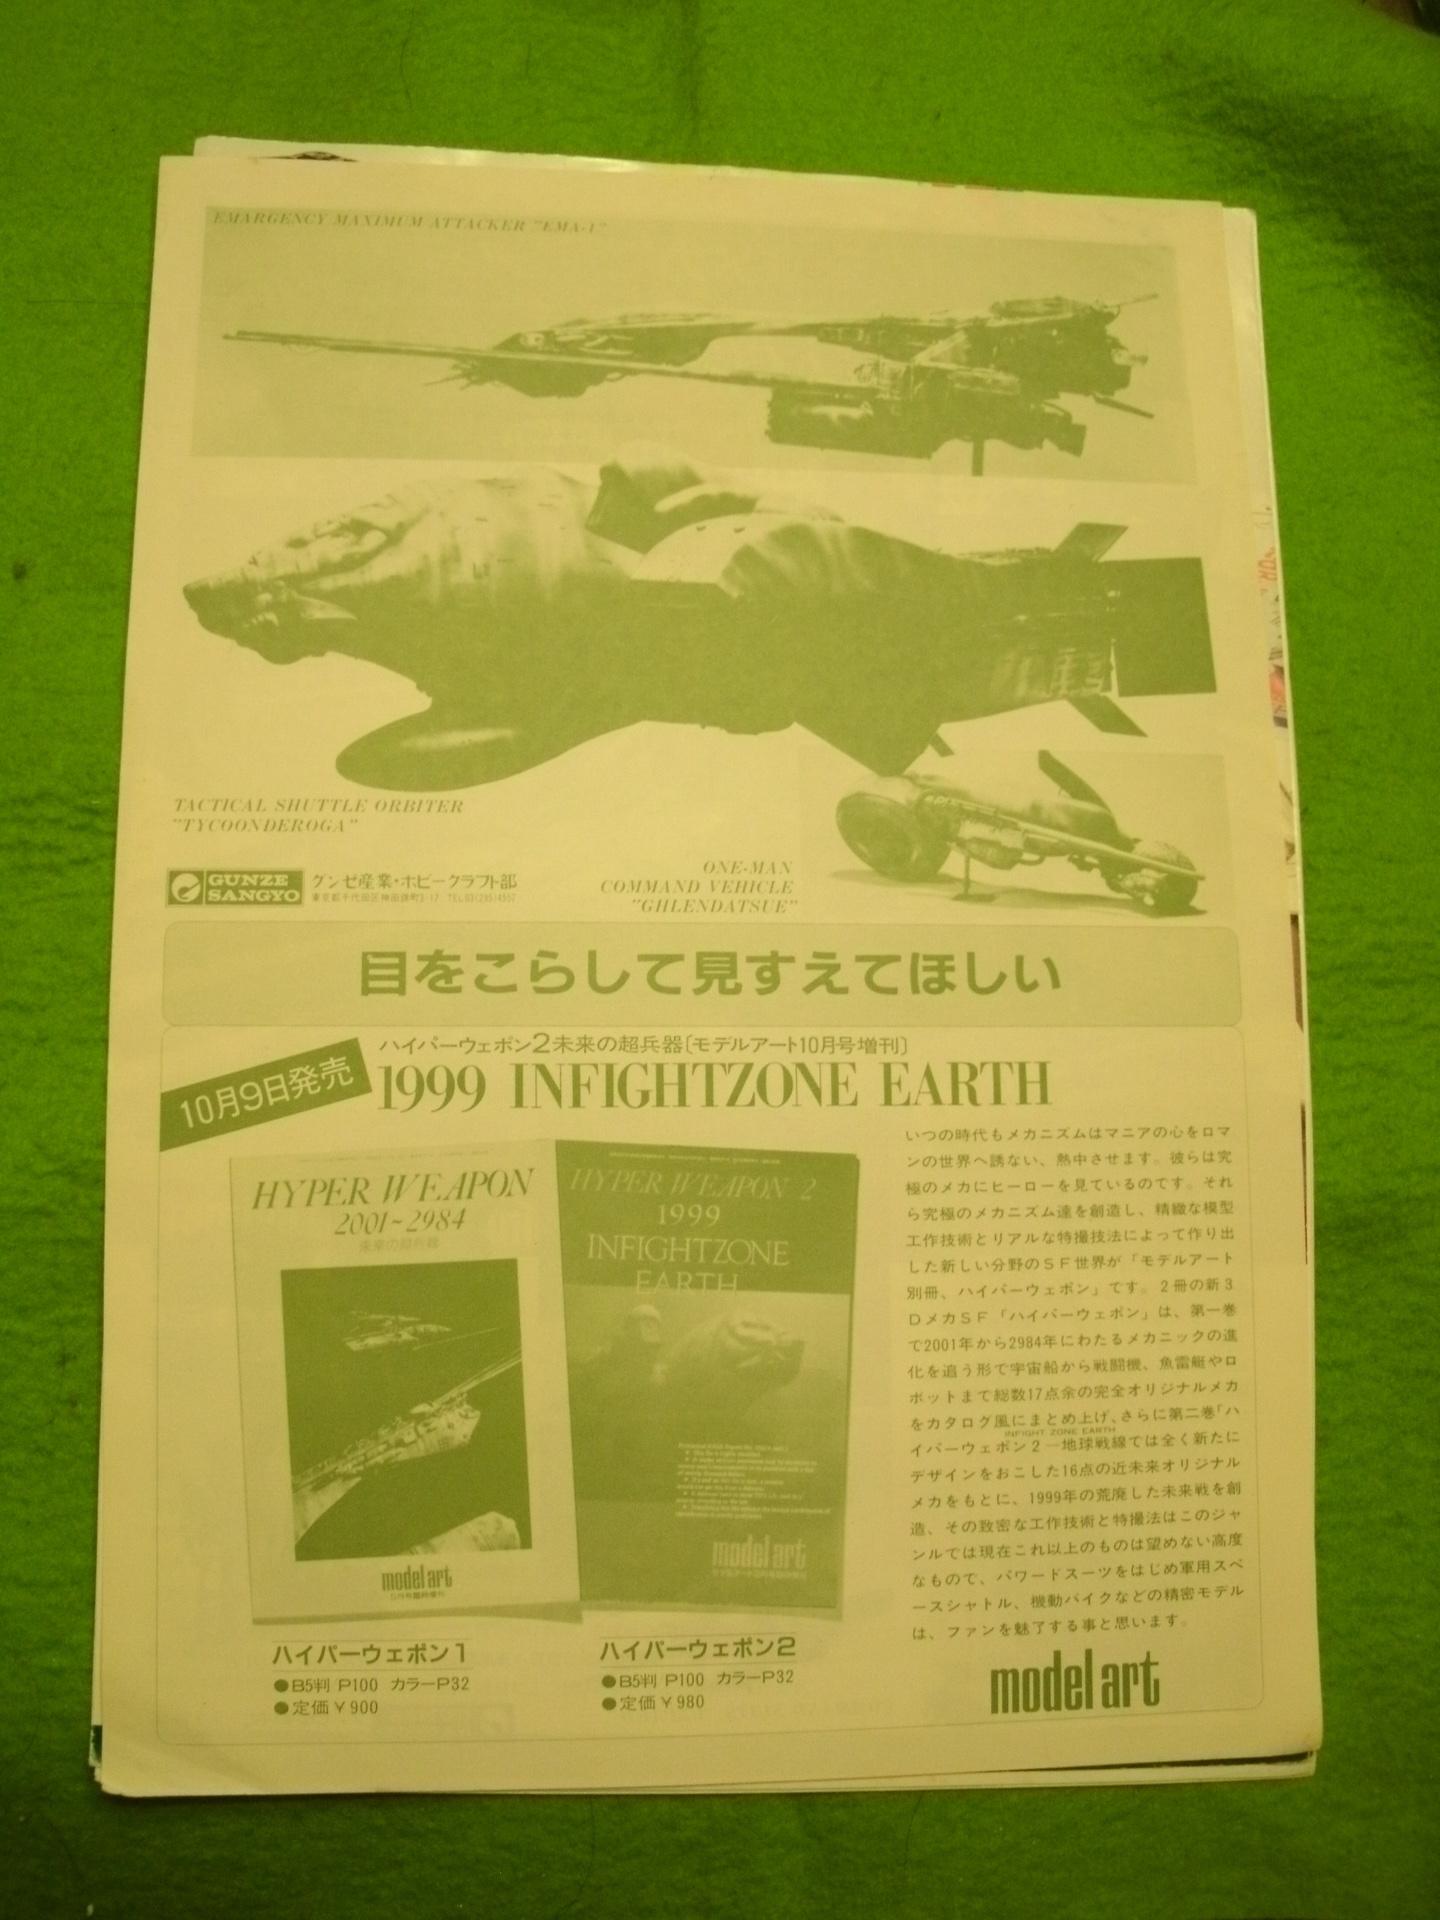 1984年秋 「ハイパーウェポン 商品化告知チラシ」裏.JPG